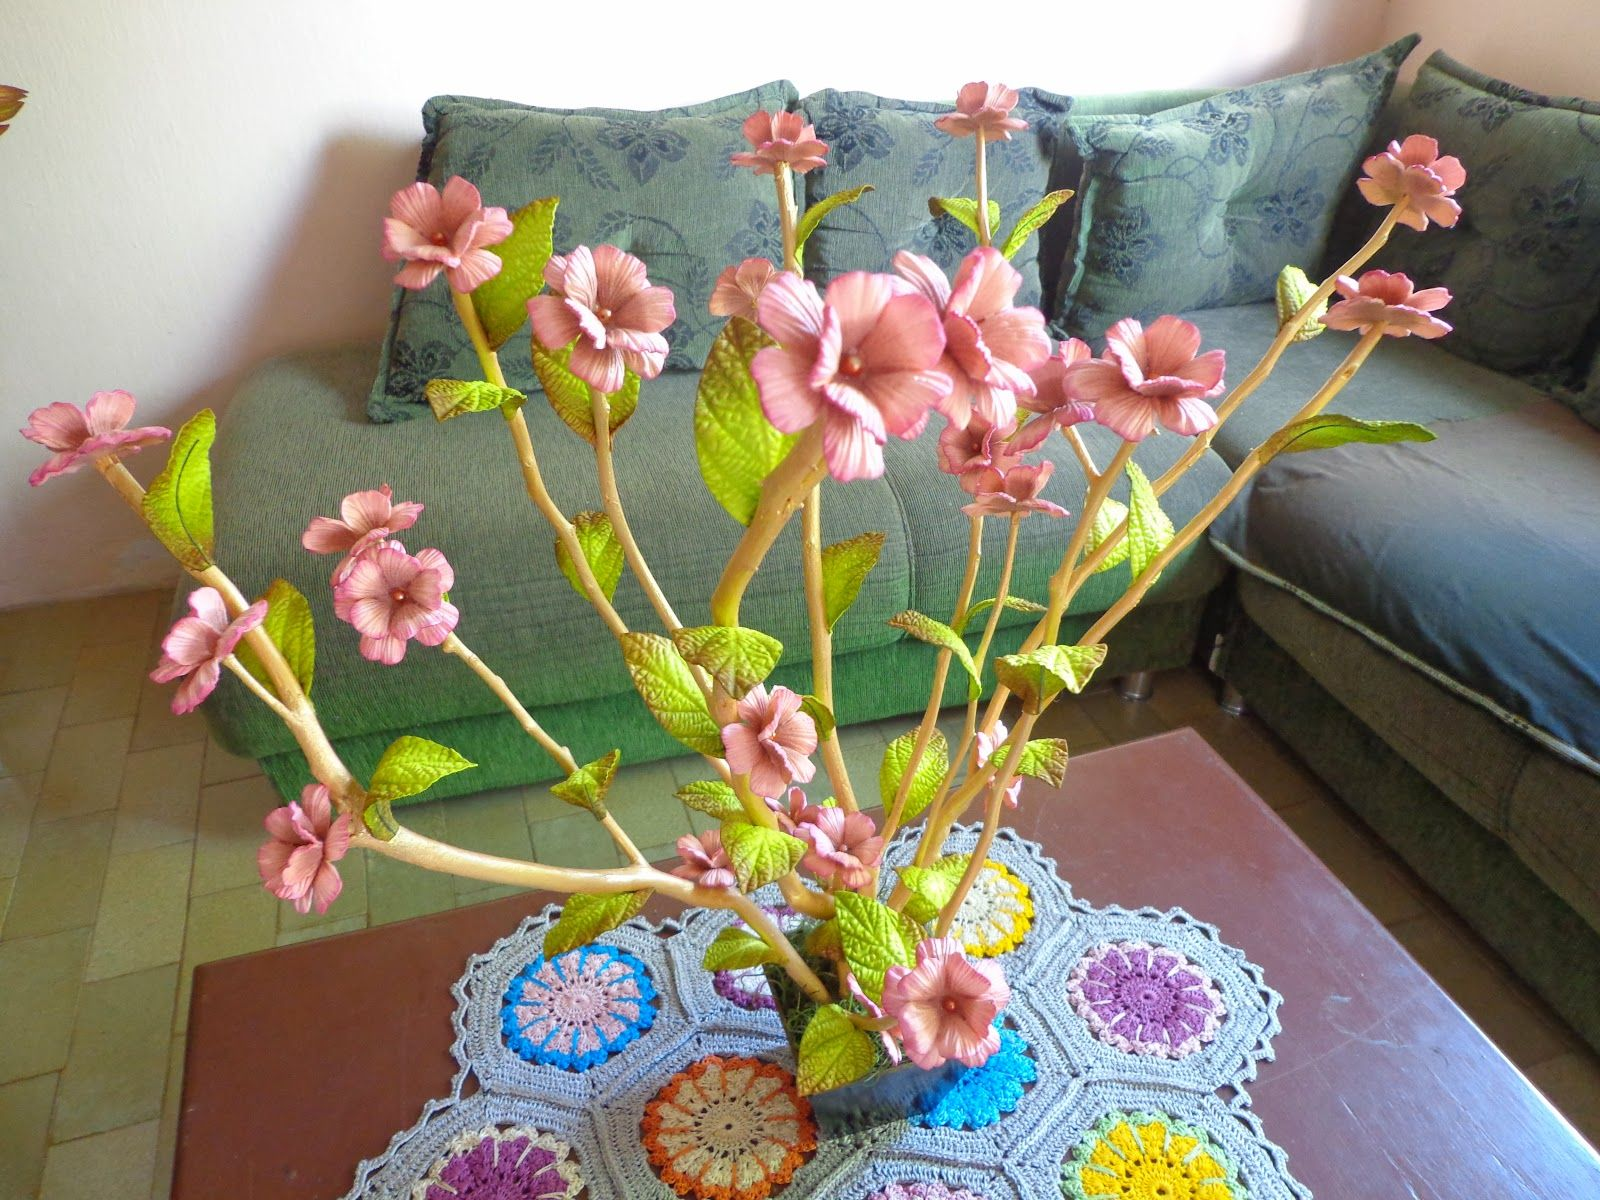 Flores De Mira Arvore De Galhos Secos Com Flores Em Eva Flores